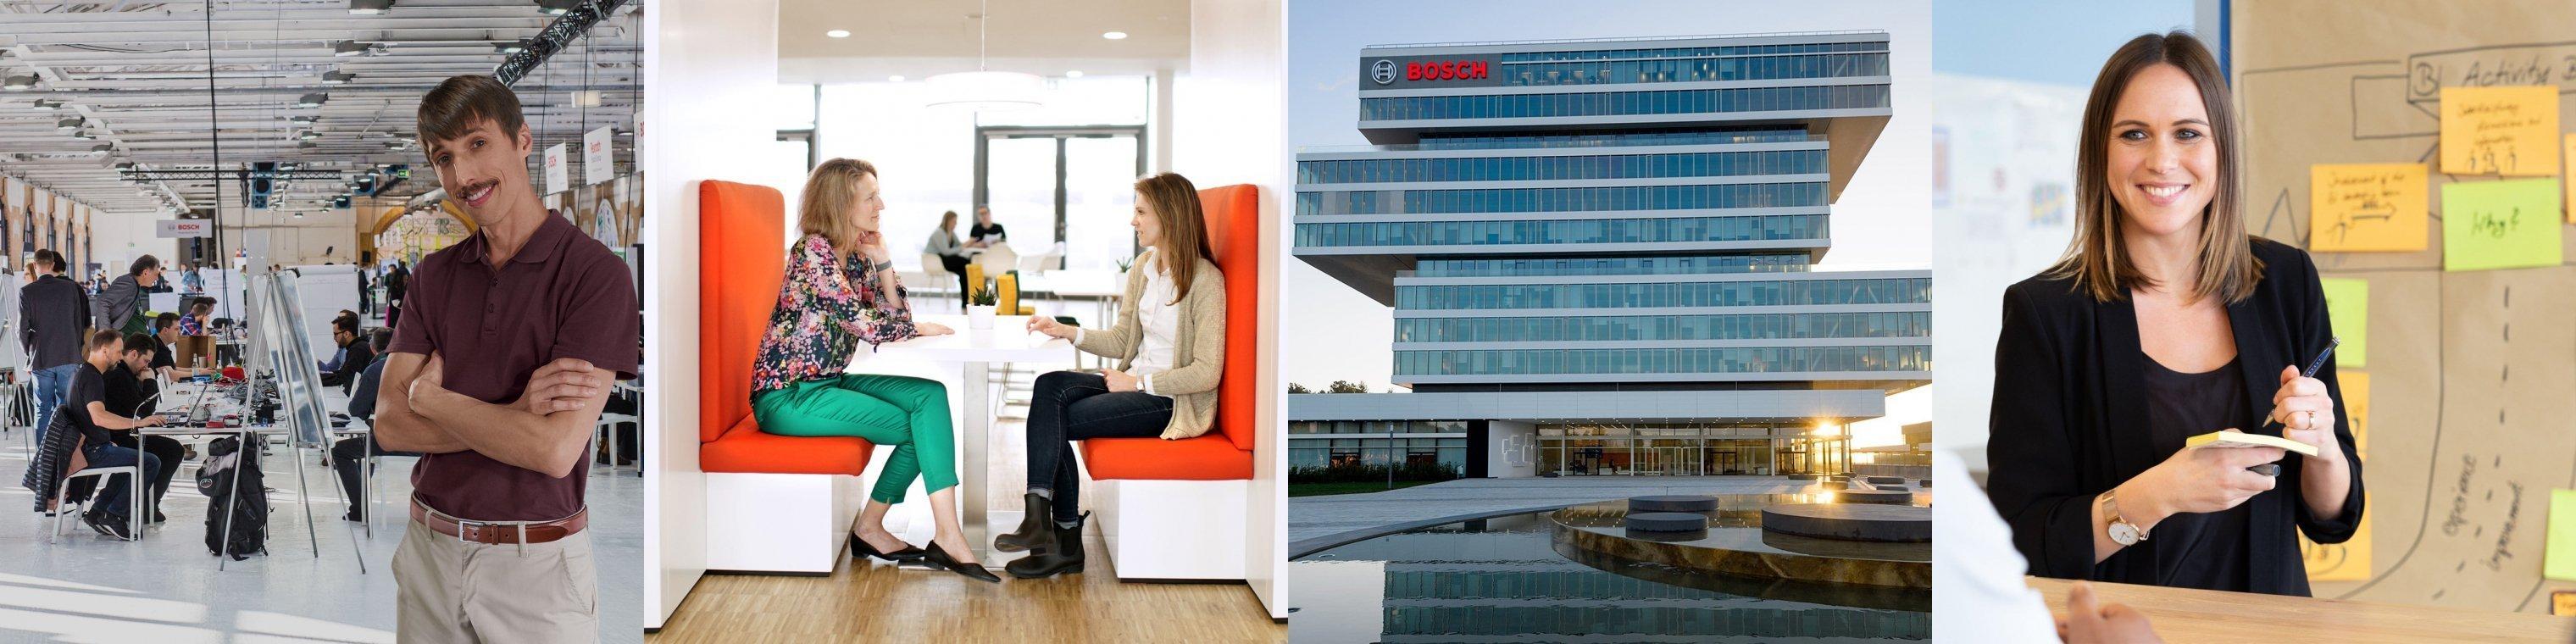 Bosch Gruppe Erfahrungen 4253 Bewertungen Von Mitarbeitern Kununu